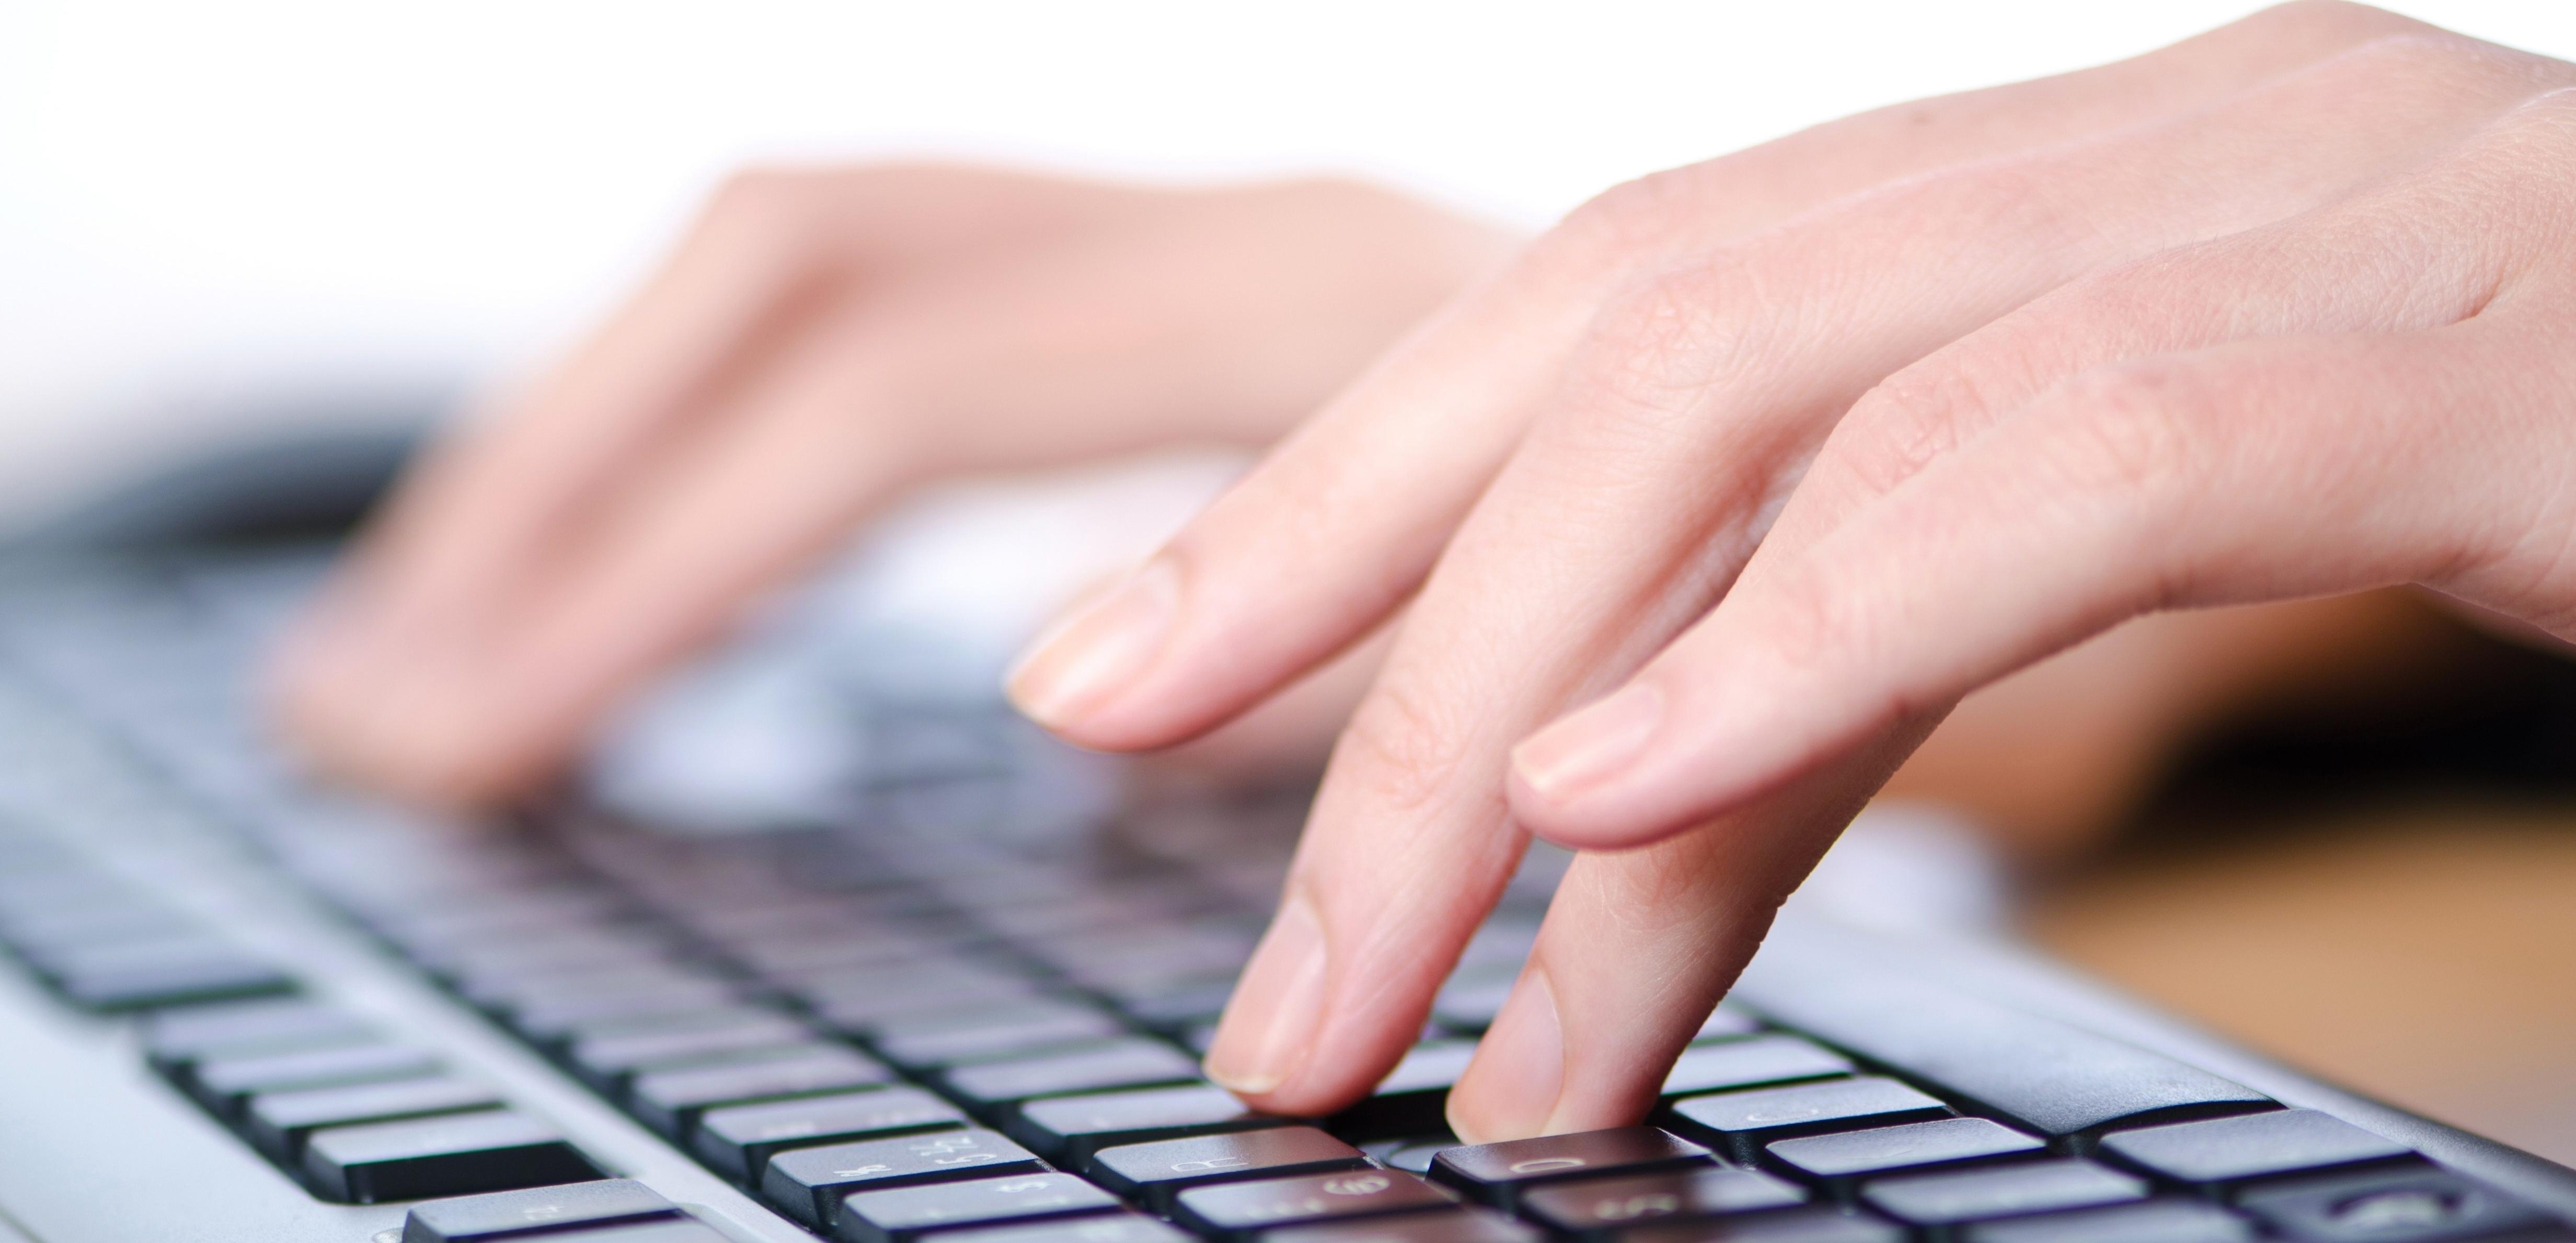 Использование клавиш для переворота экрана